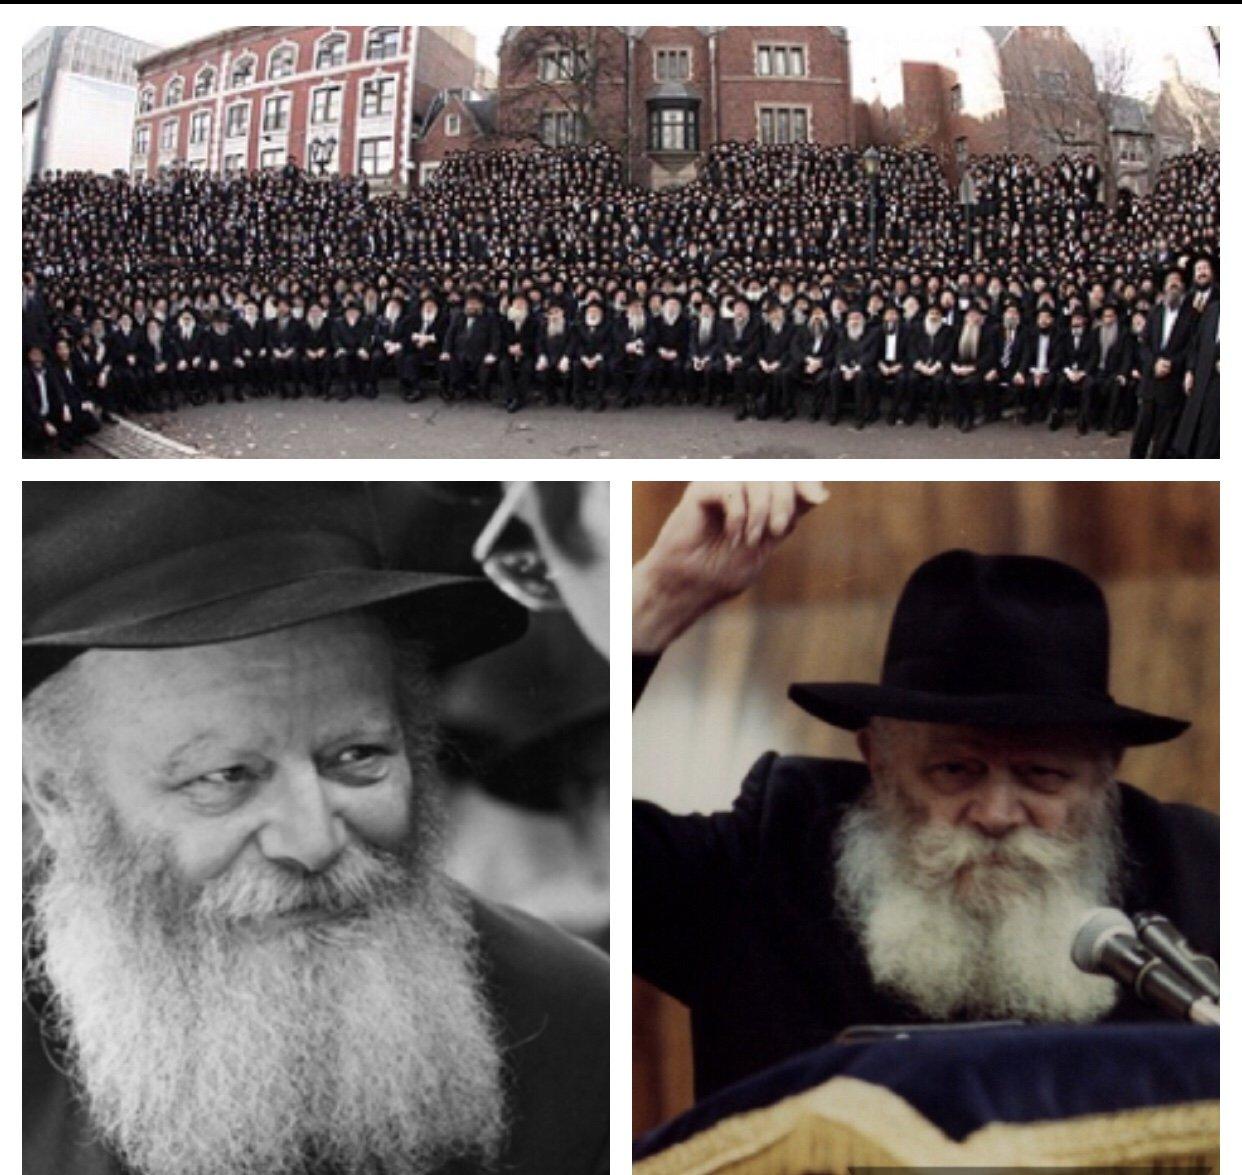 Vi svelo il segreto del successo dei chabad